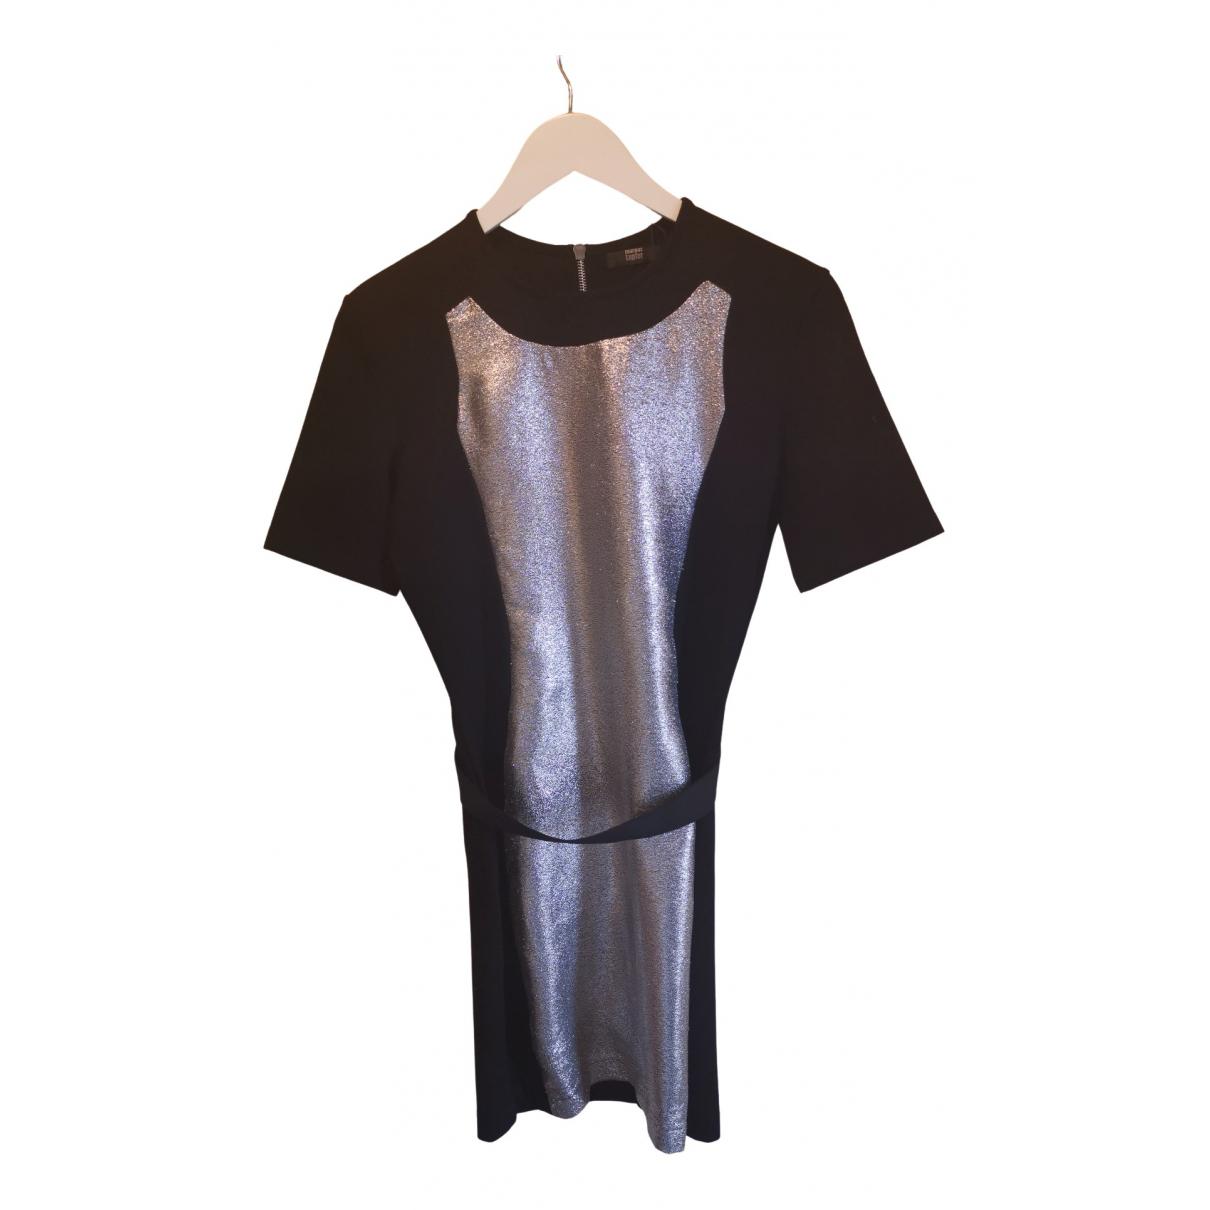 Markus Lupfer \N Kleid in  Schwarz Baumwolle - Elasthan